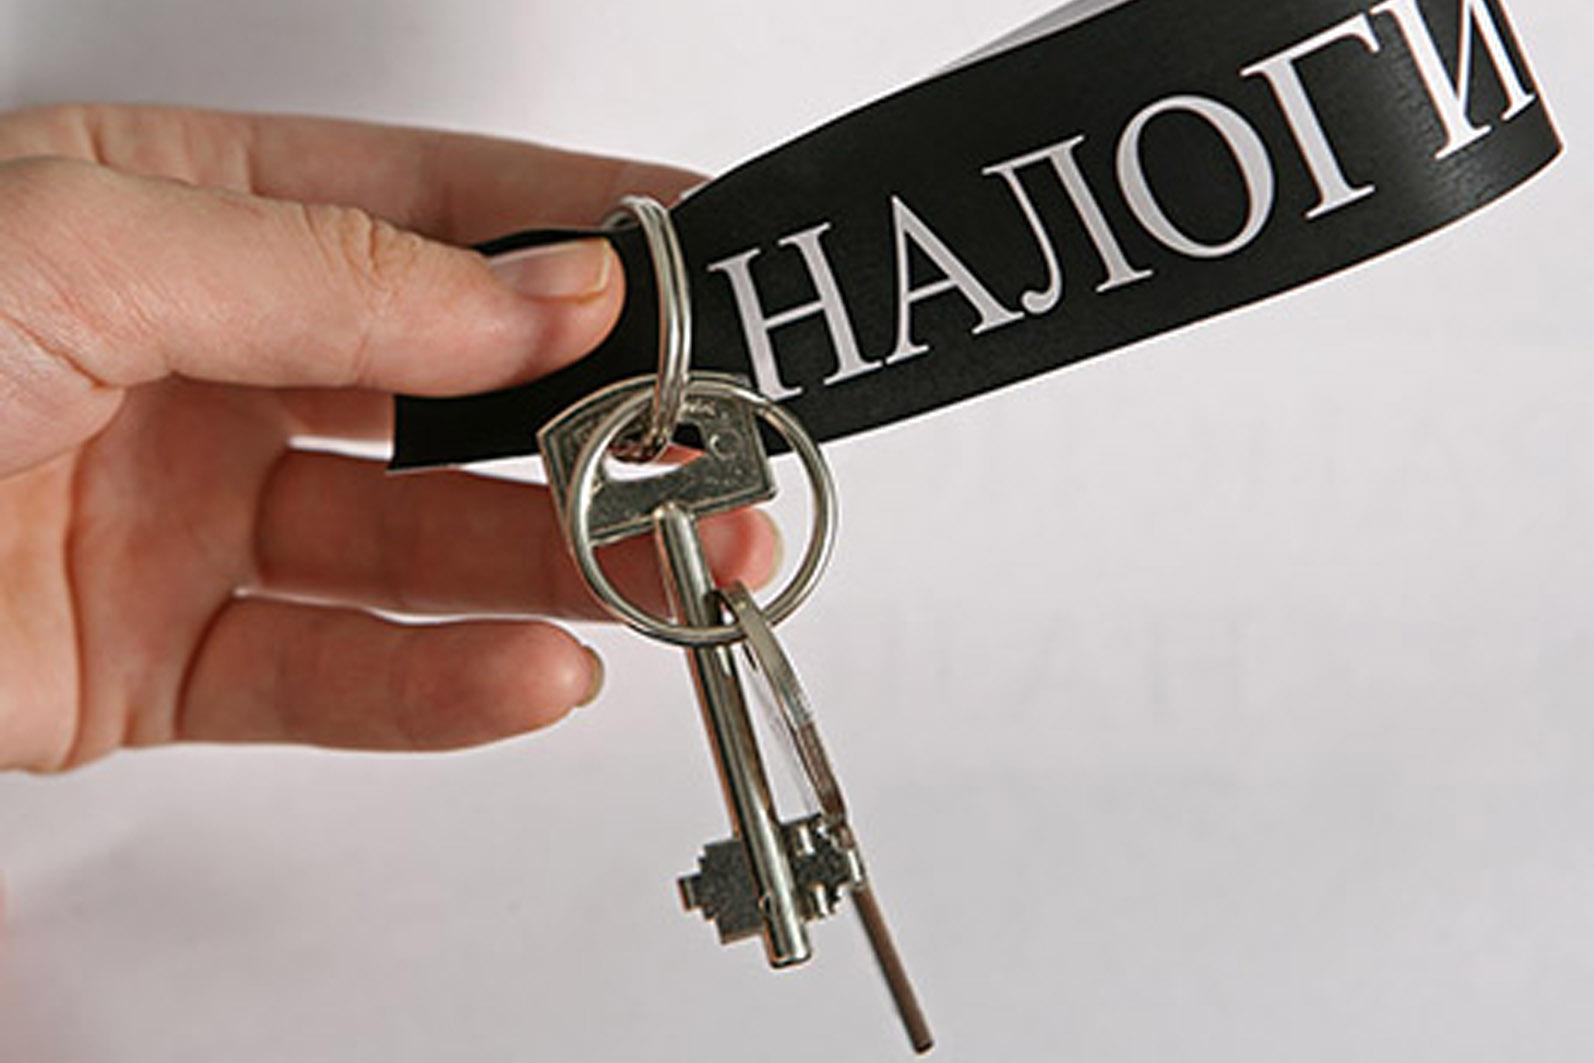 произойдет надо ли платить налог на сдачу квартиры в аренду выжидательно посмотрел